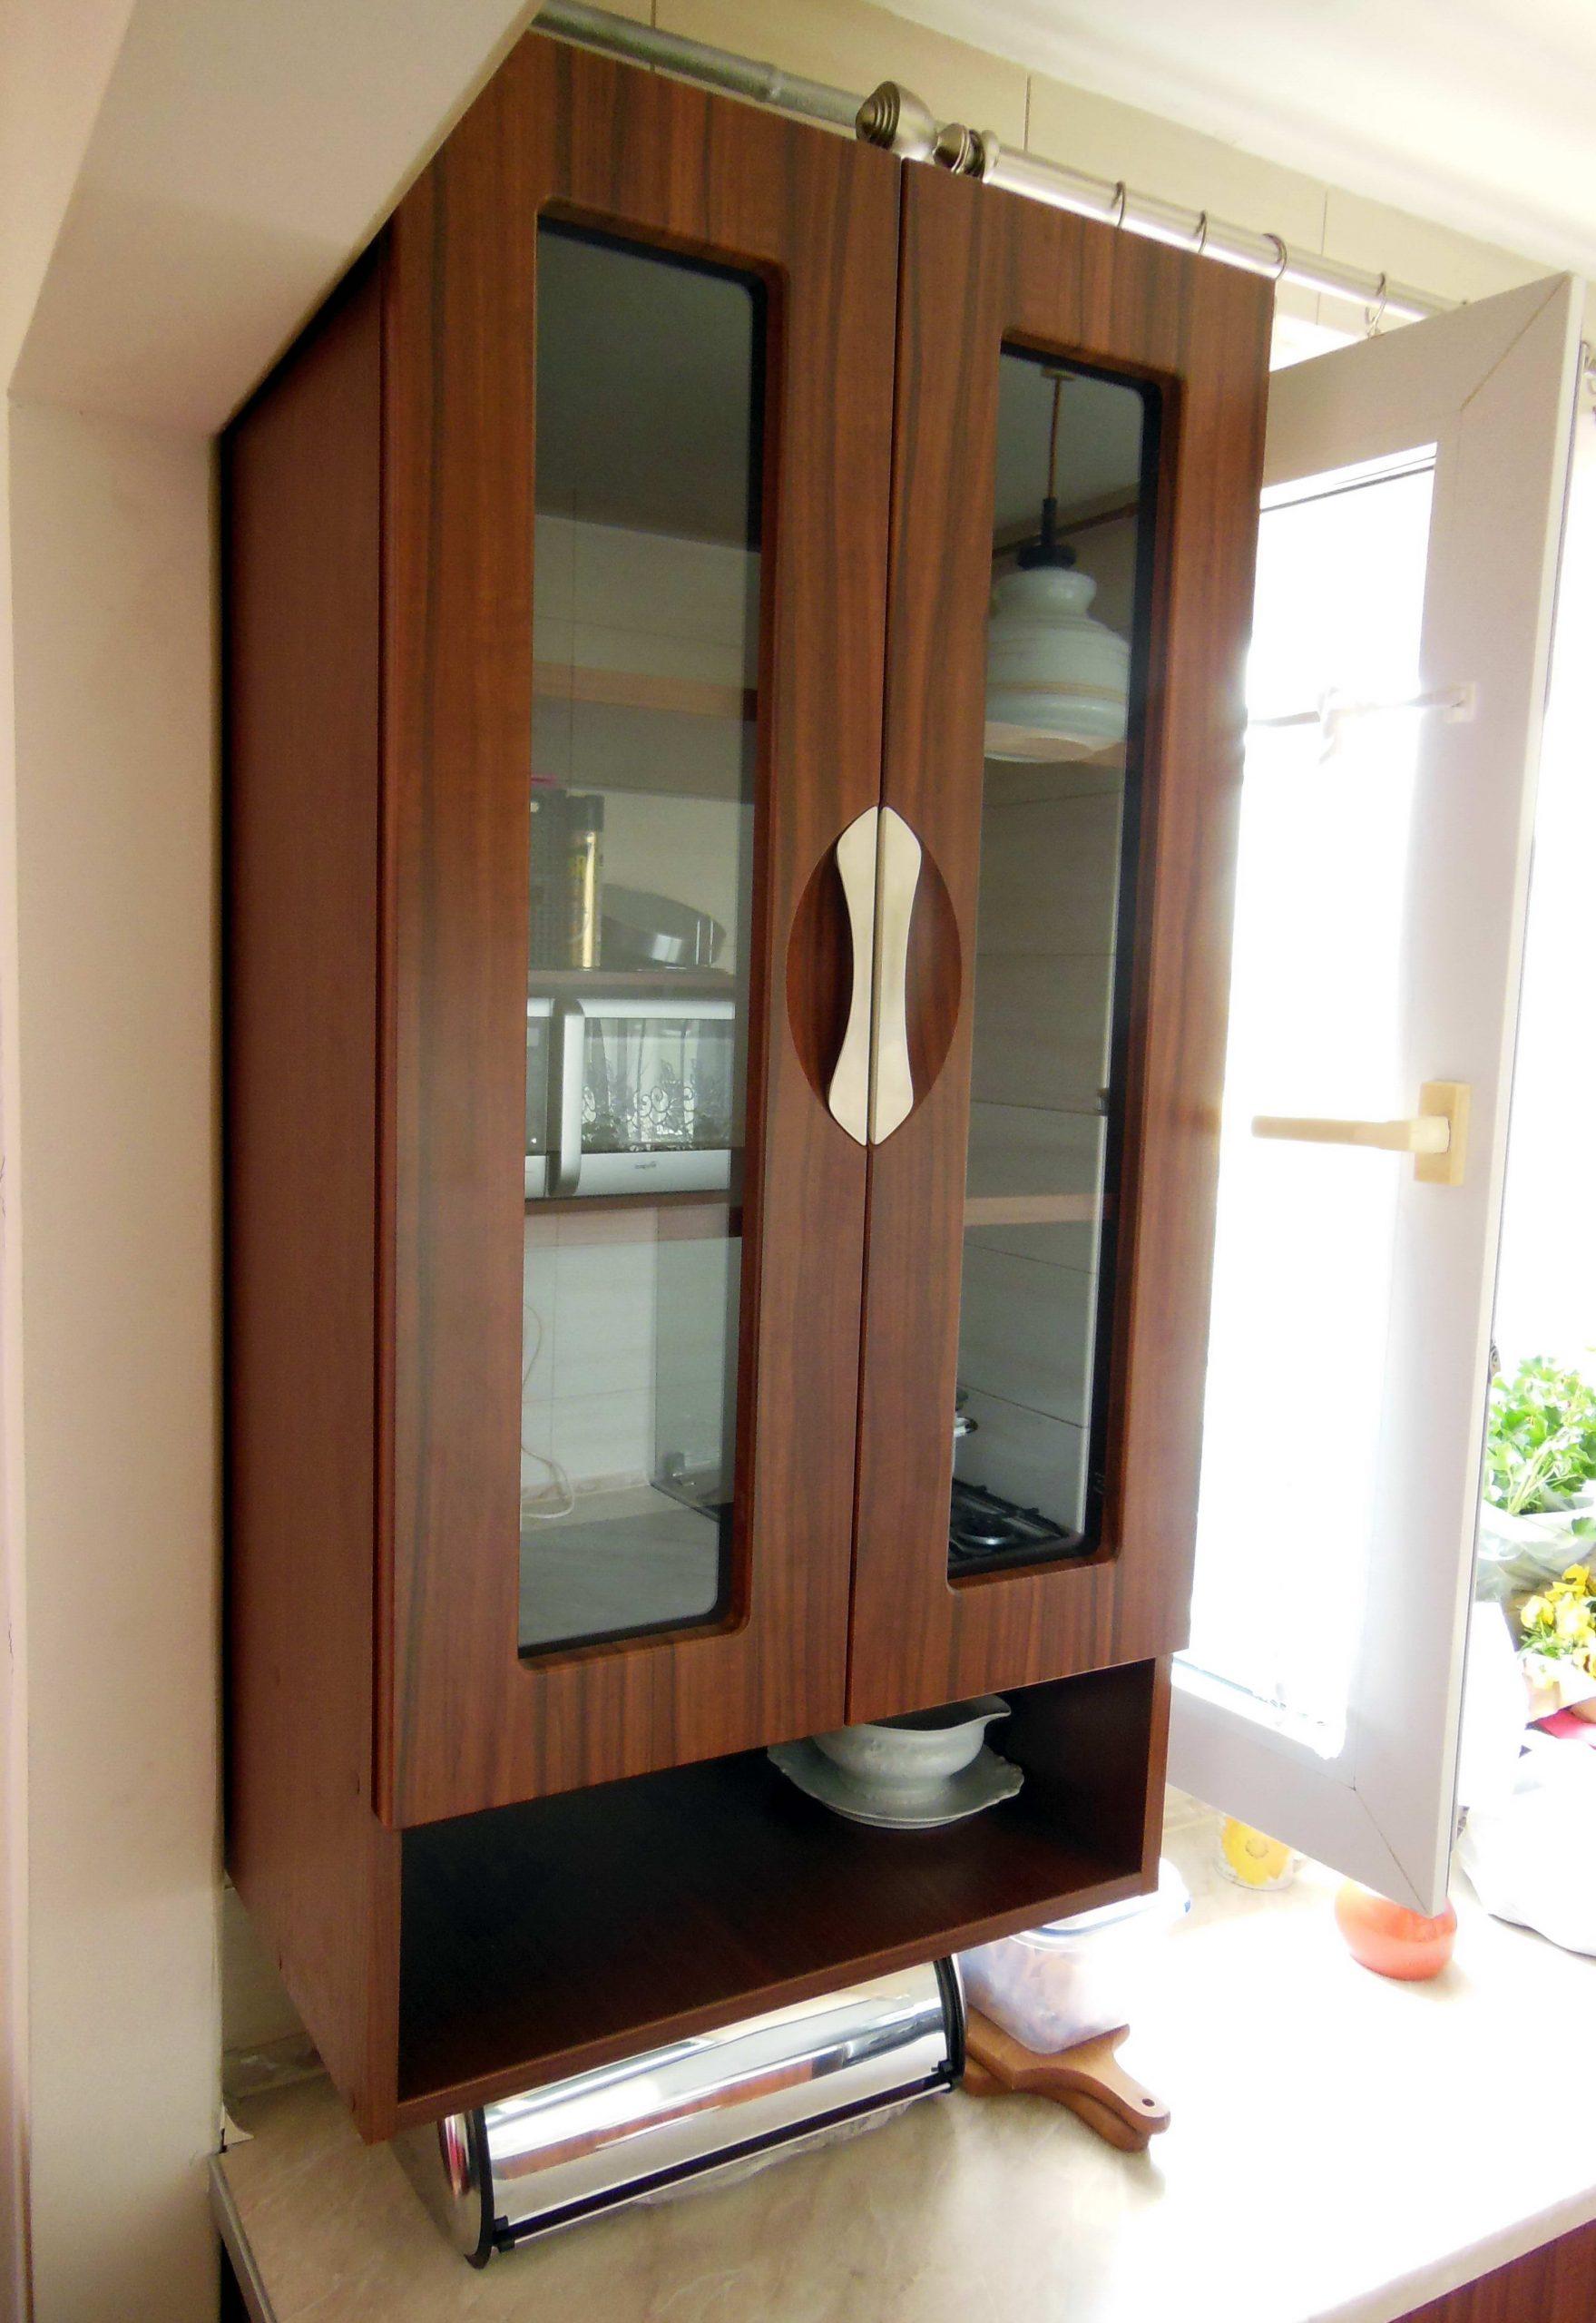 9. Kuchenna szafka wisząca z drzwiczkami szklonymi